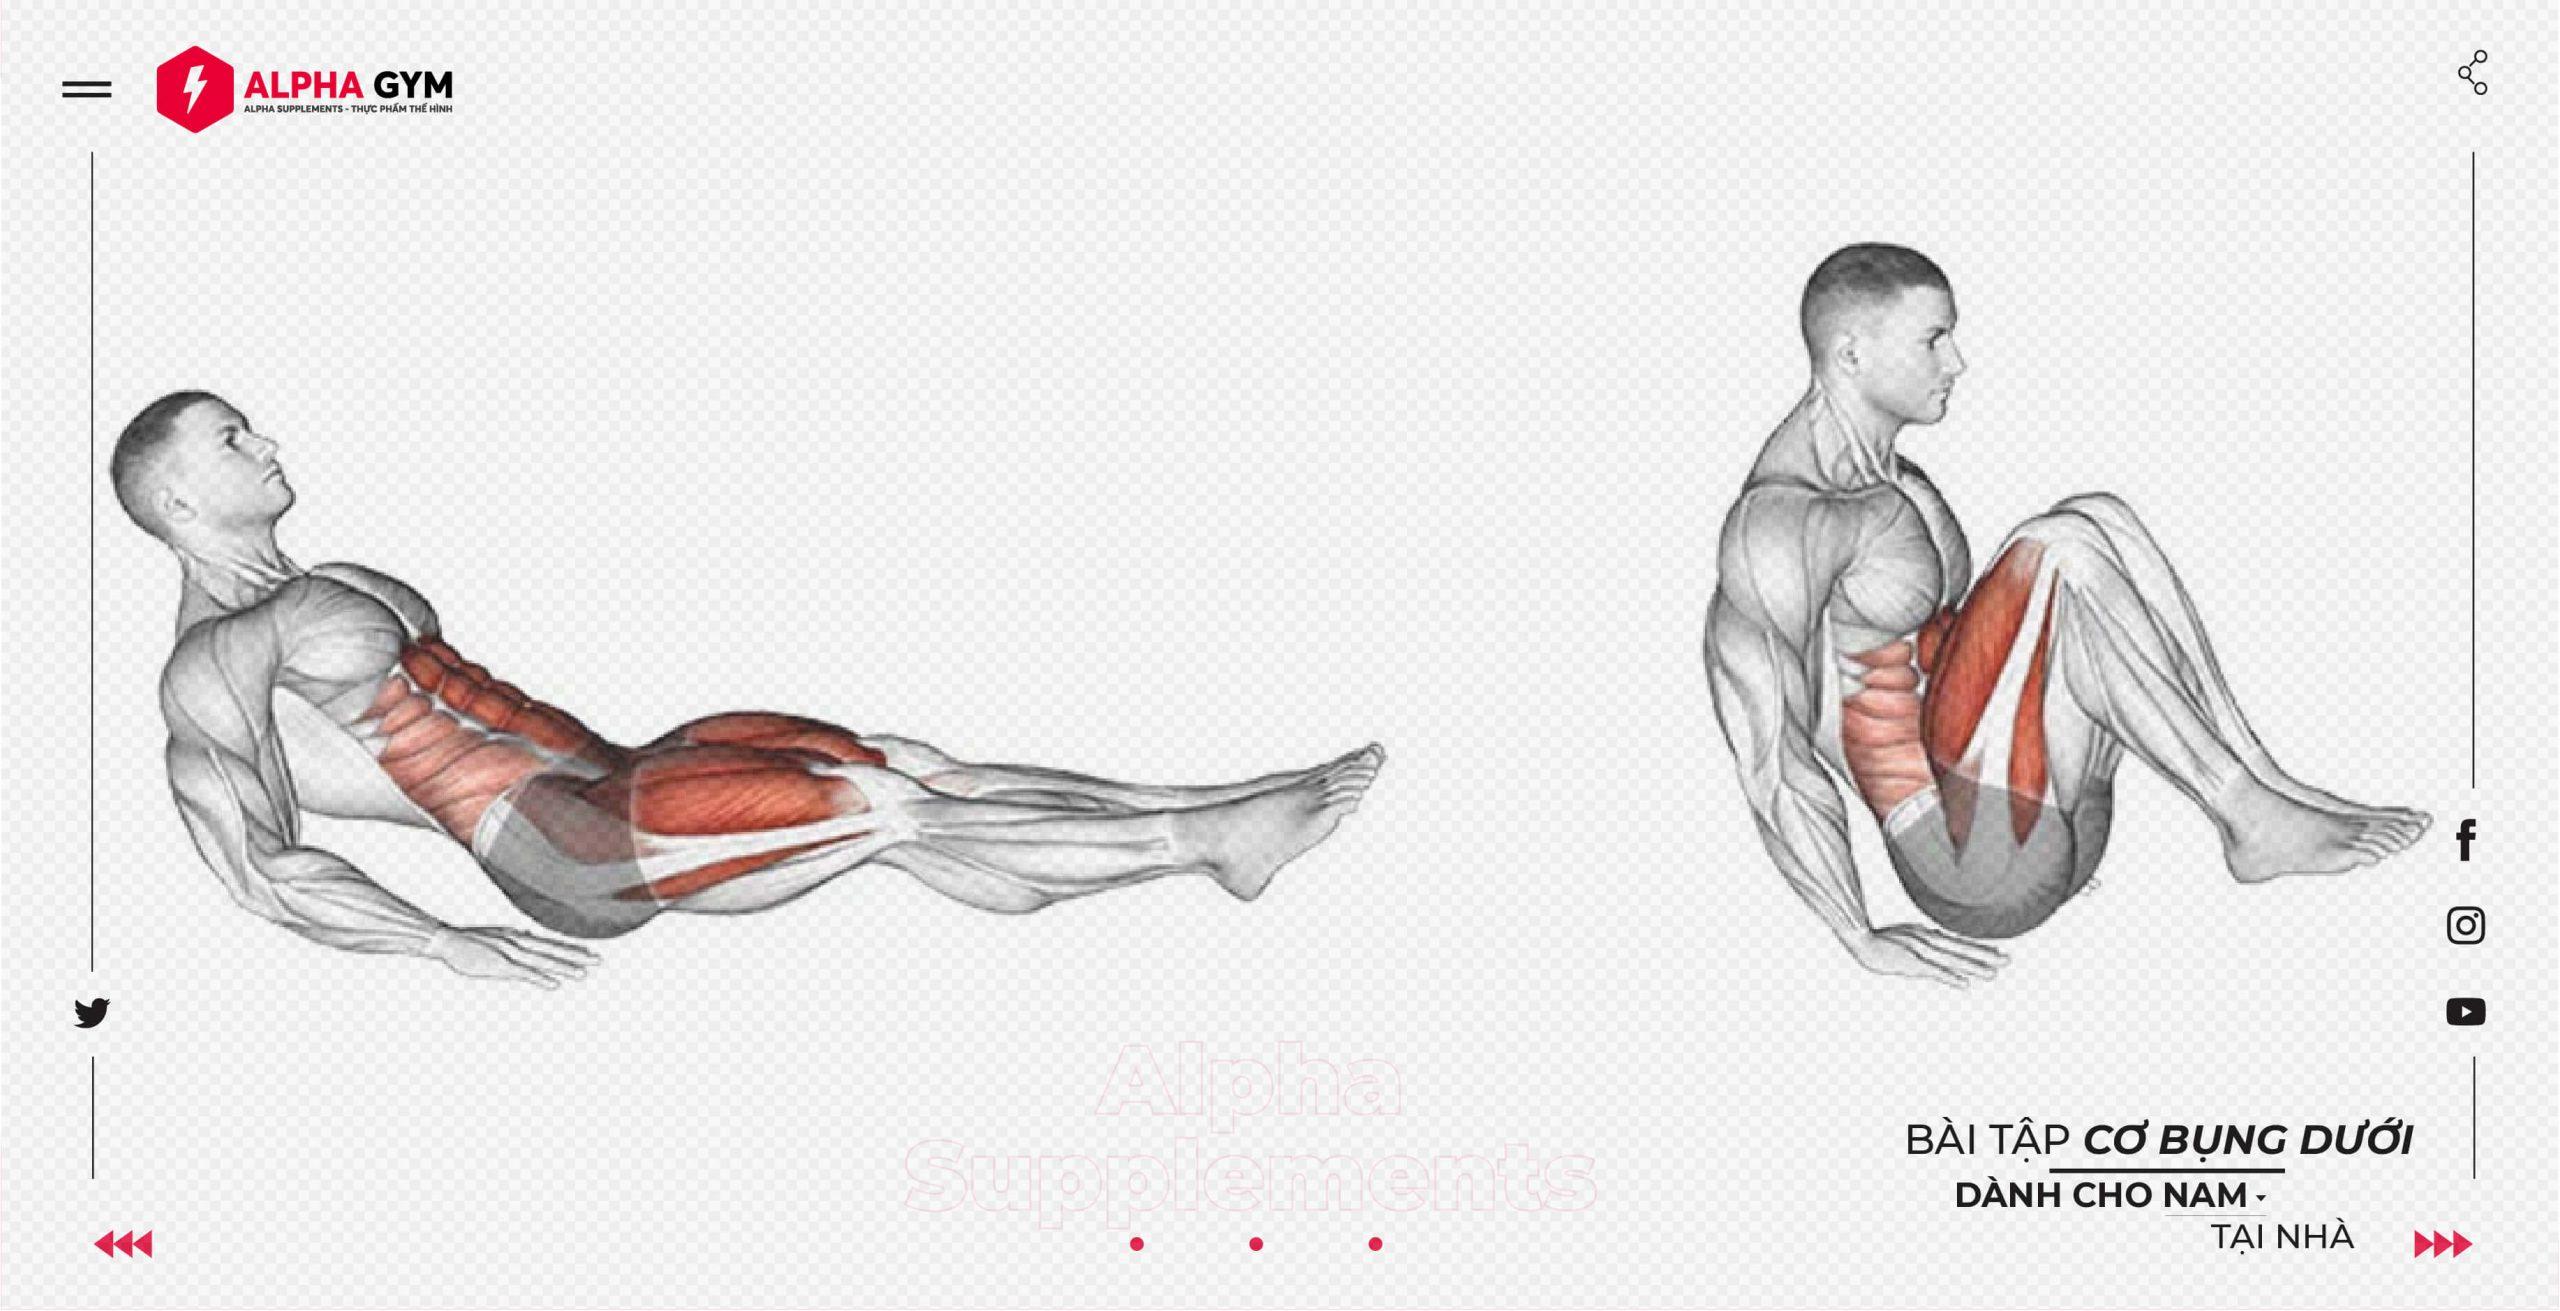 Top 11 các bài tập cơ bụng giúp giảm mỡ cho nam tại nhà - Alpha Supplements